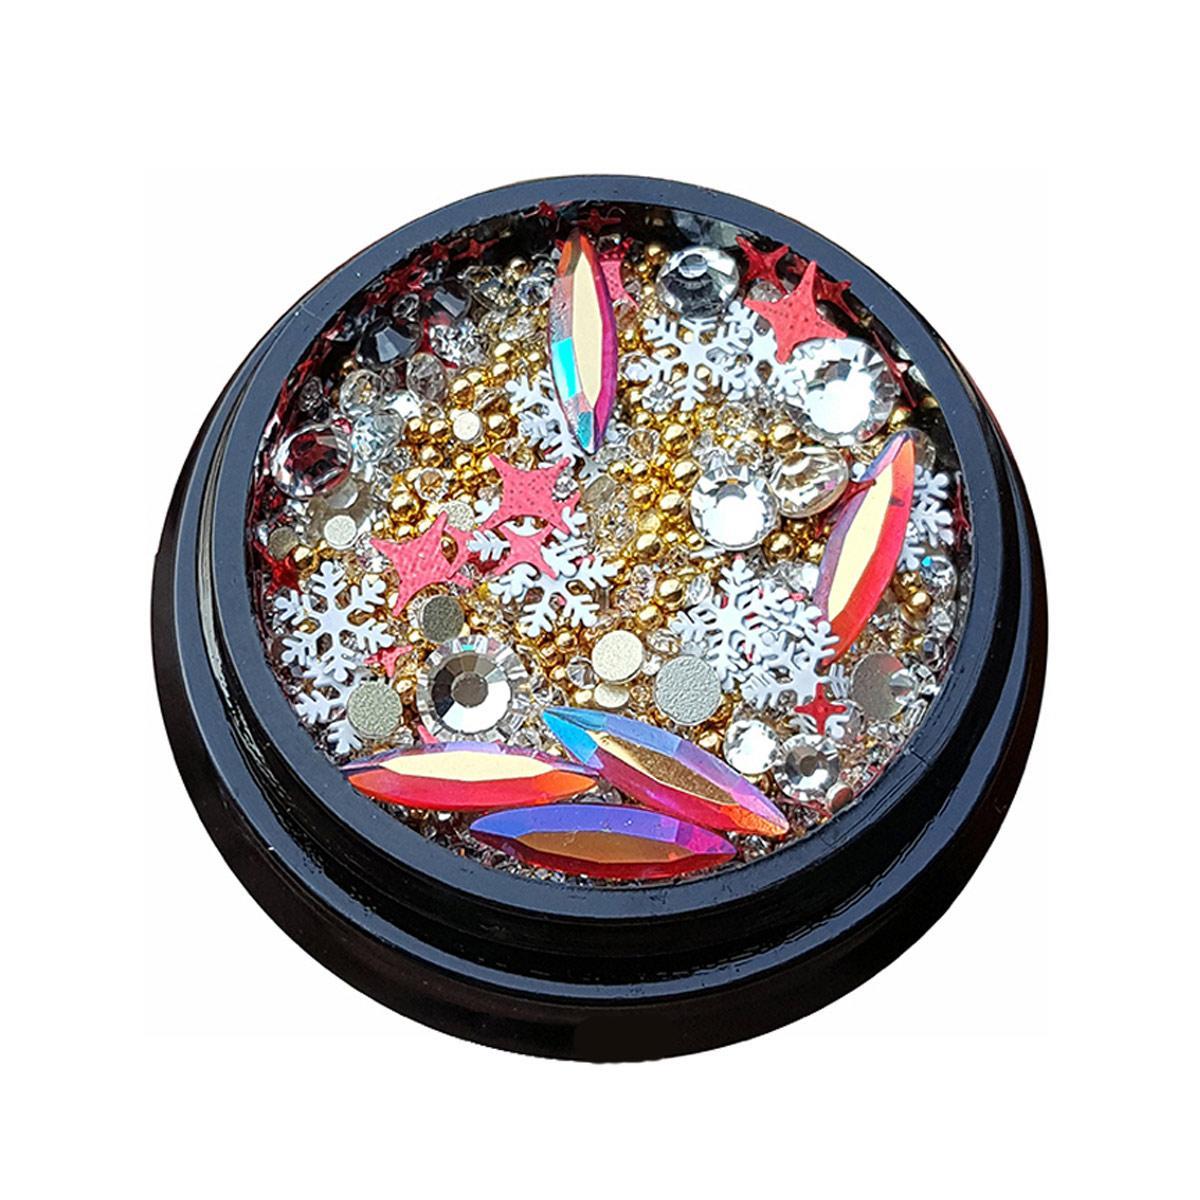 Ozdoby Na Nehty Nehtova Bizuterie Luxury Jewelry 02 Produkty Pro Nehtovy Design